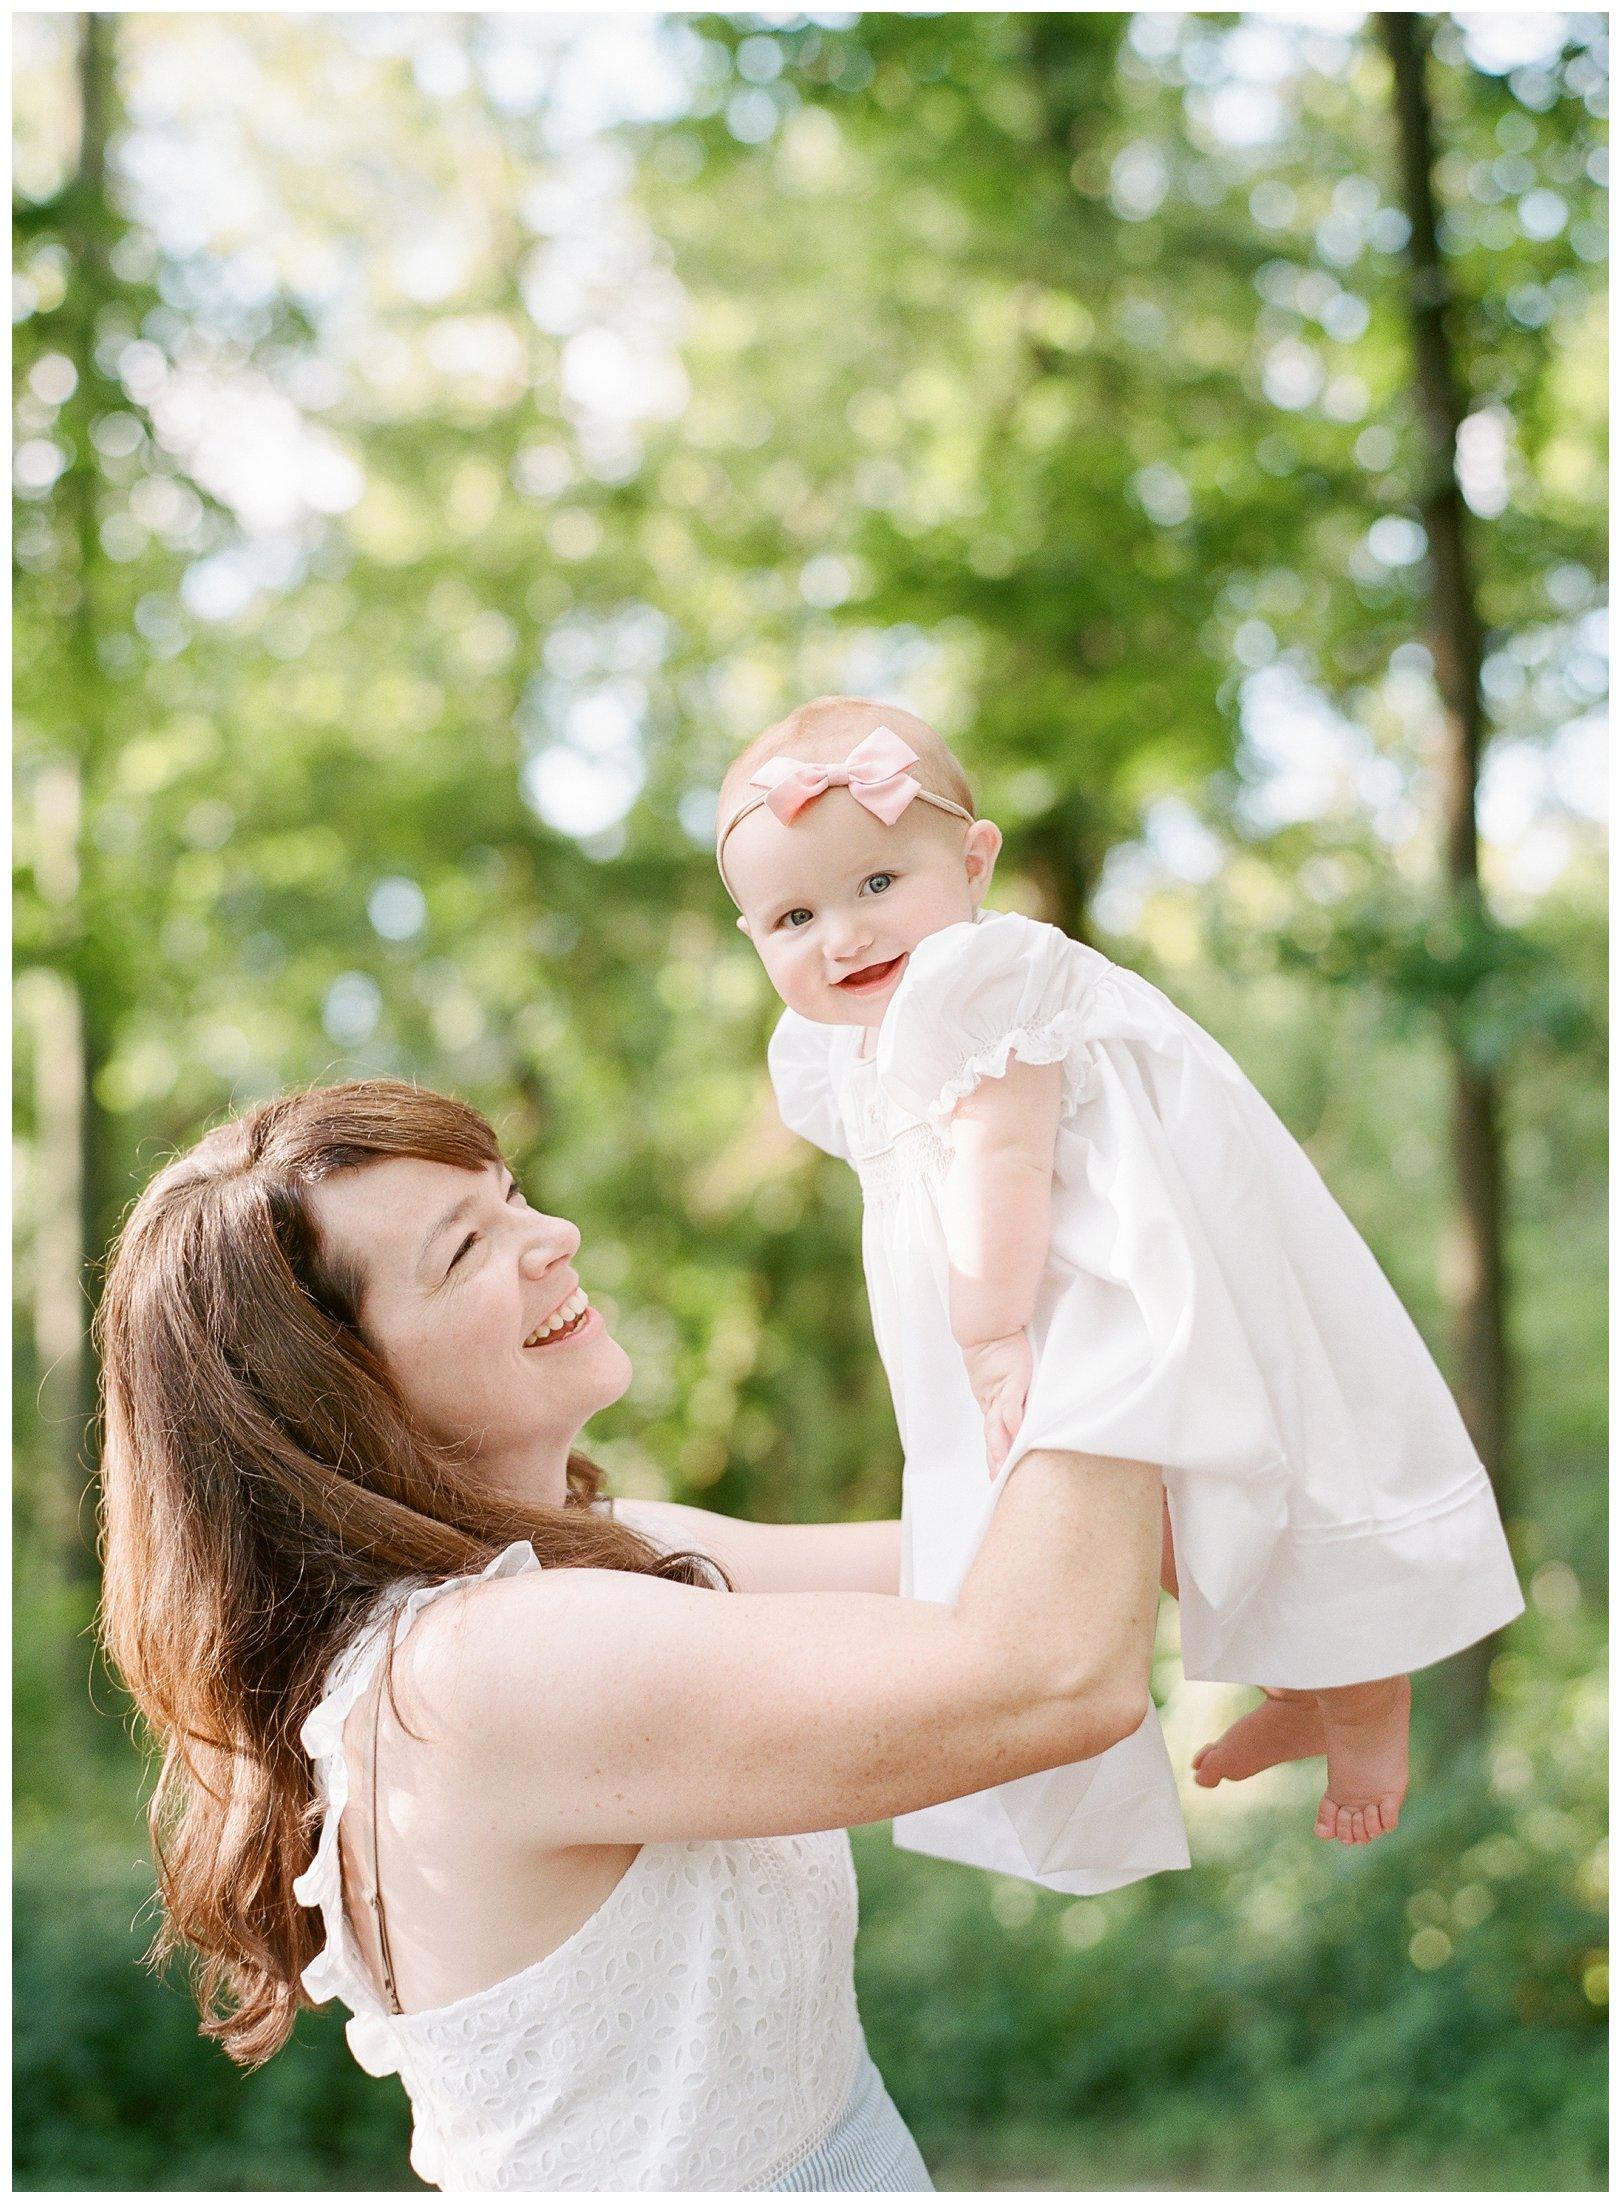 lauren muckler photography_fine art film wedding photography_st louis_photography_3463.jpg